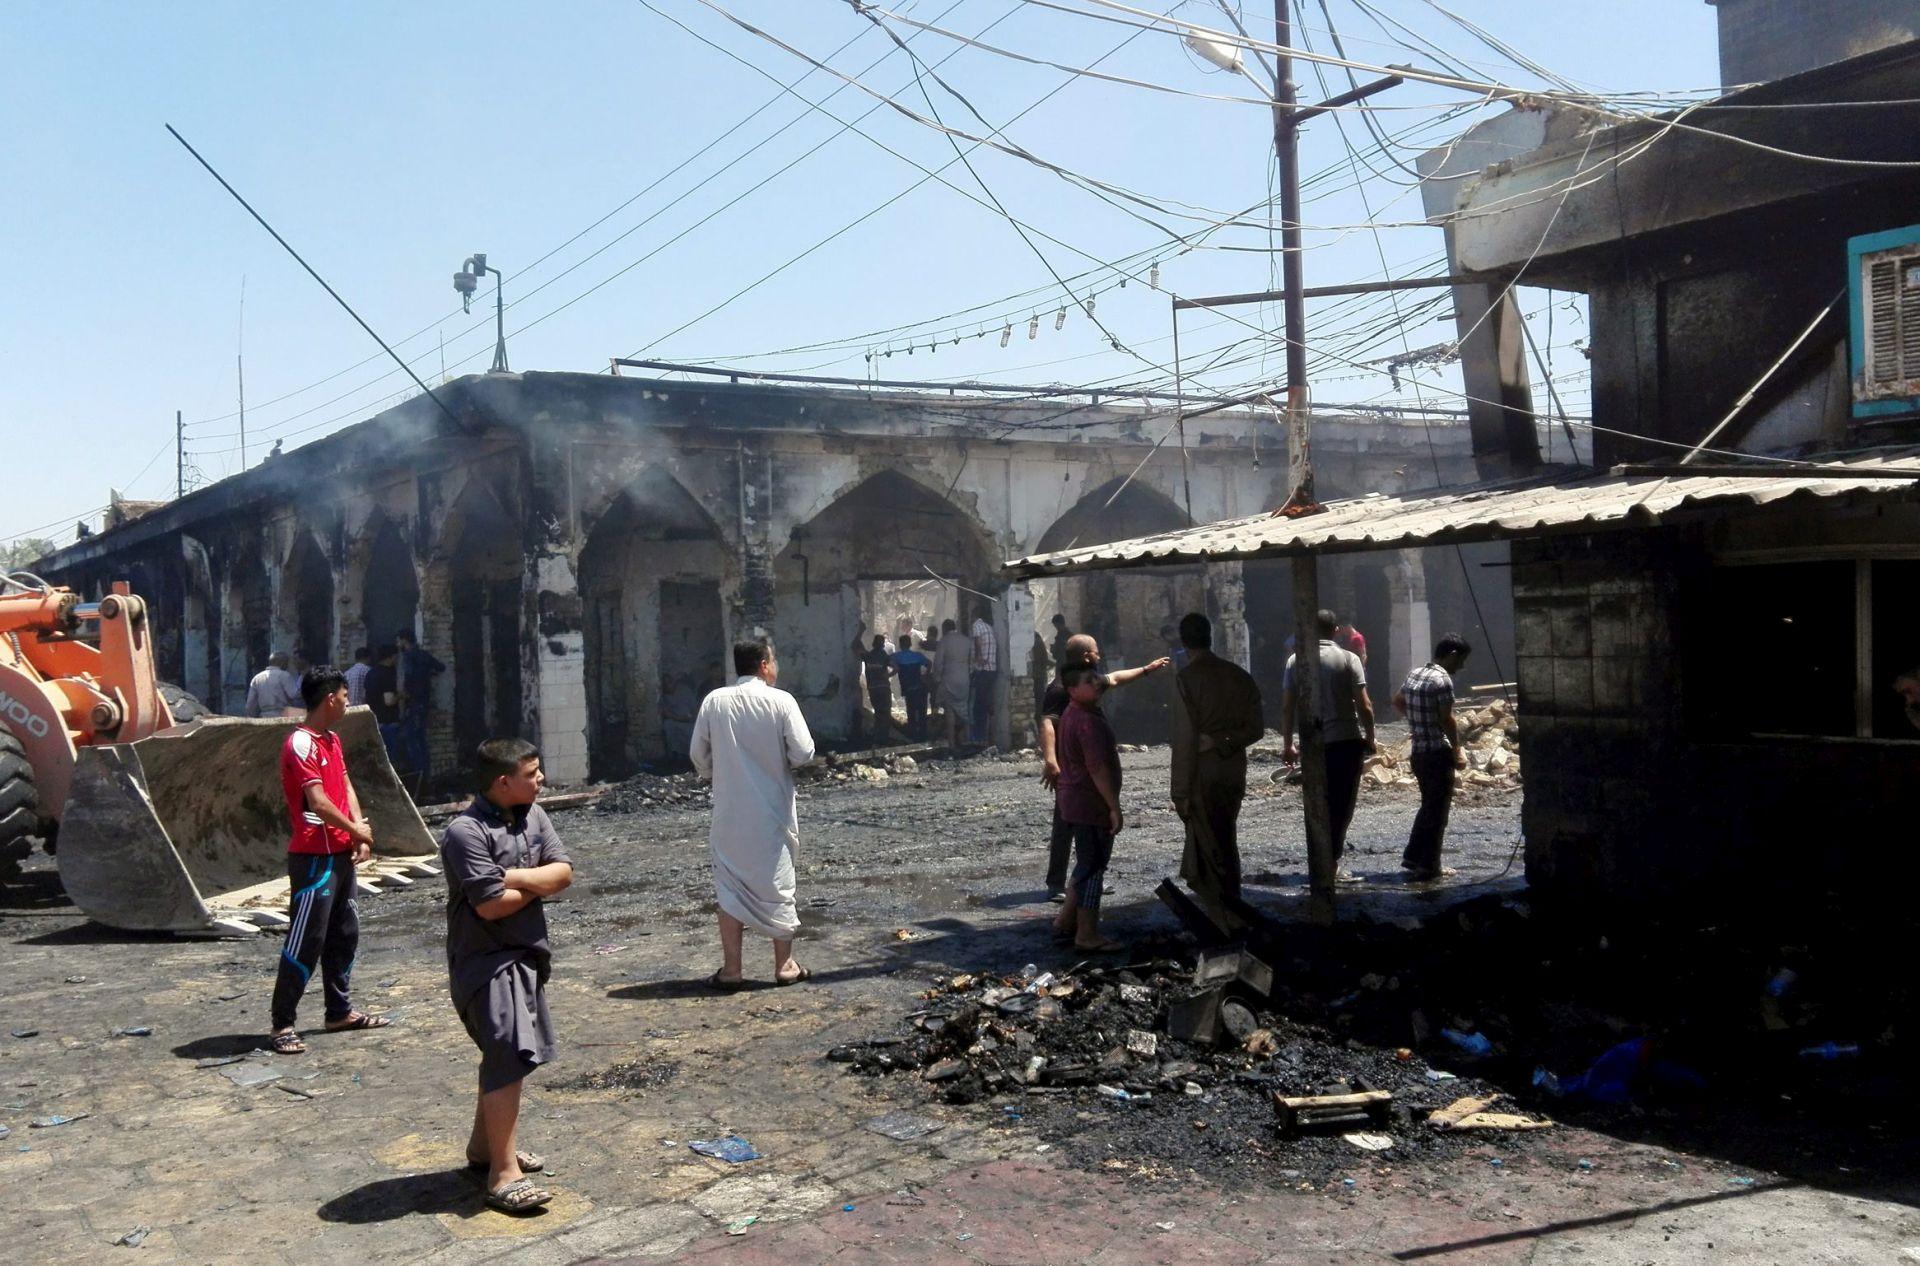 ZRAČNI NAPAD: Islamska država potvrdila da je poginuo njezin 'ministar rata'